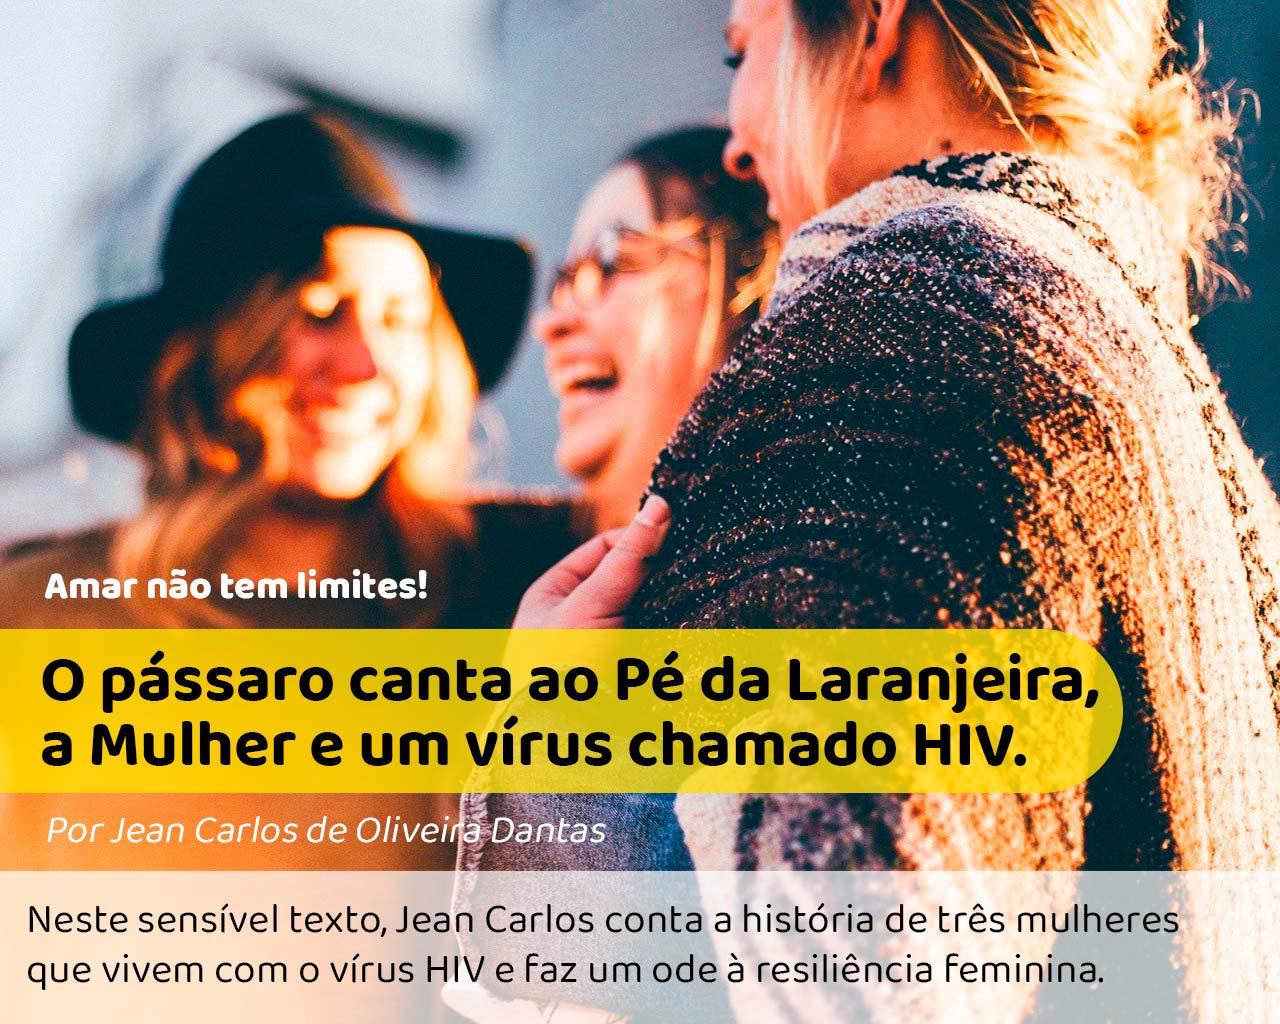 Na fotos tem três mulheres iluminadas pelo sol e conversando entre si aos risos, mostrando a força feminina como as mulheres que vivem com hiv citadas no texto. #pracegover